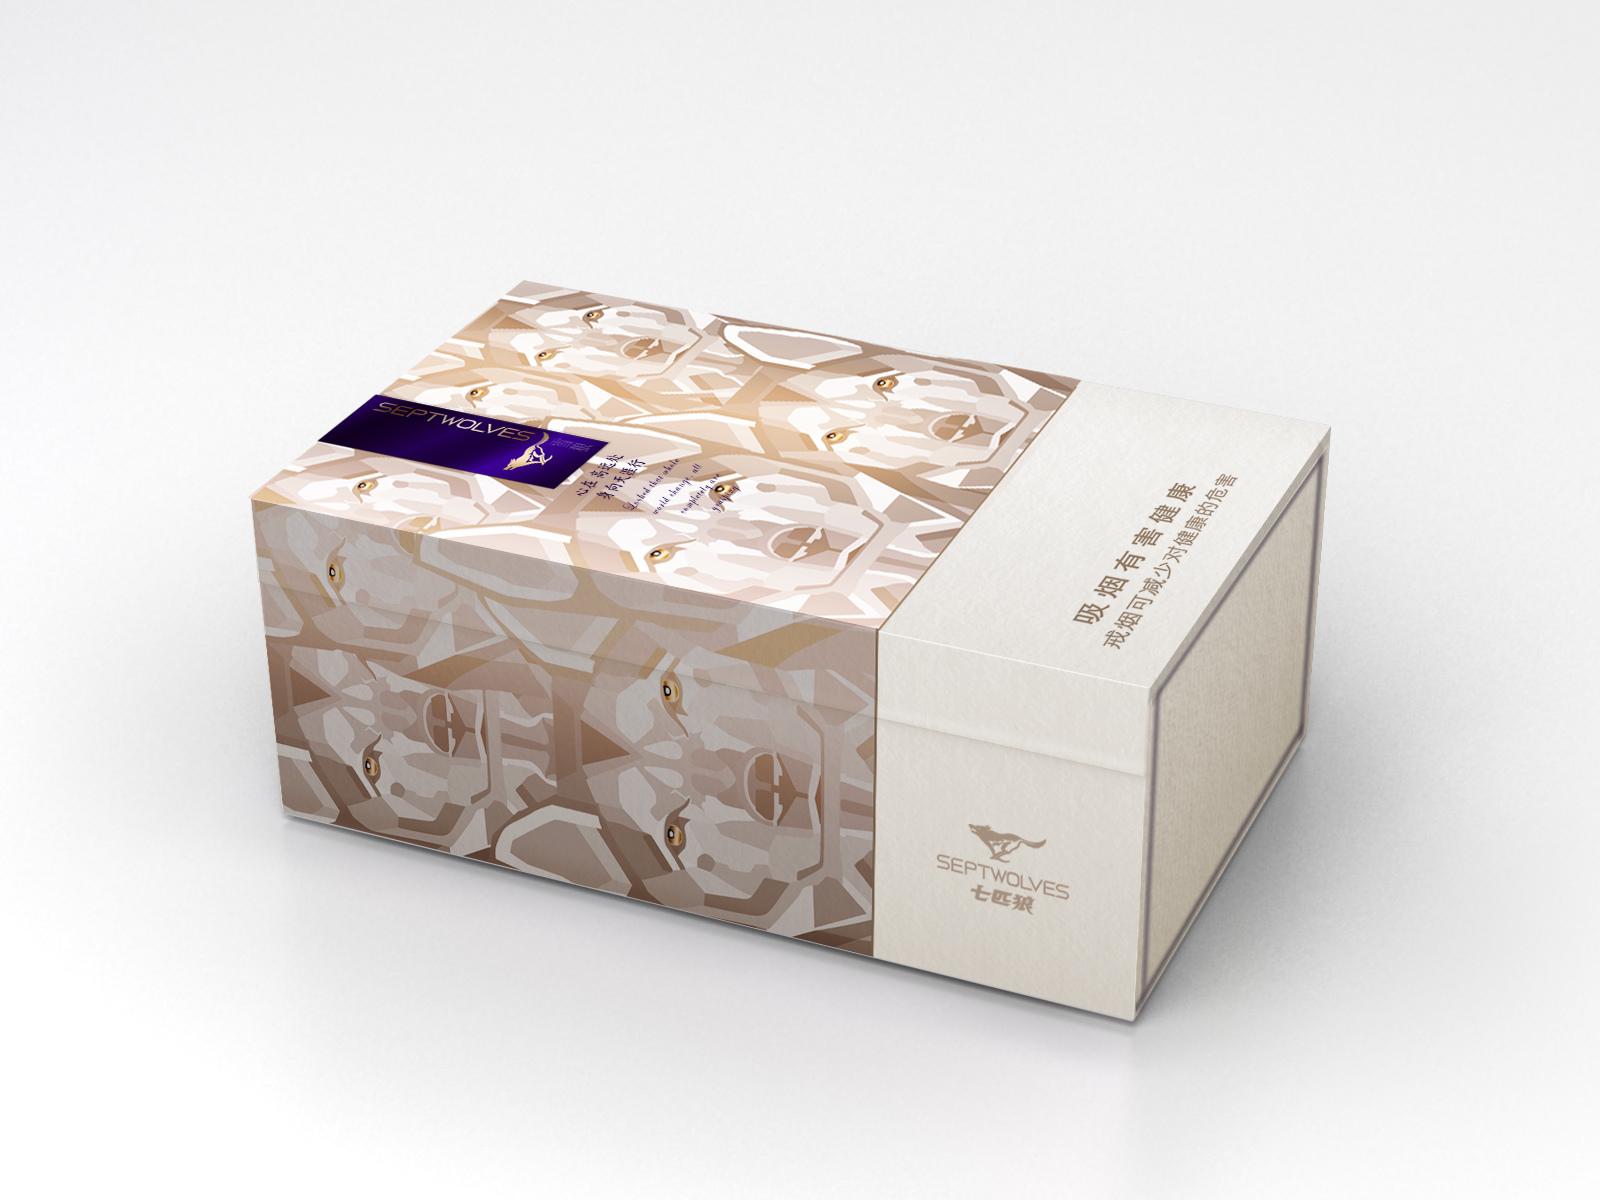 七匹狼香烟包装设计_集云广告创意工坊案例展示_一品